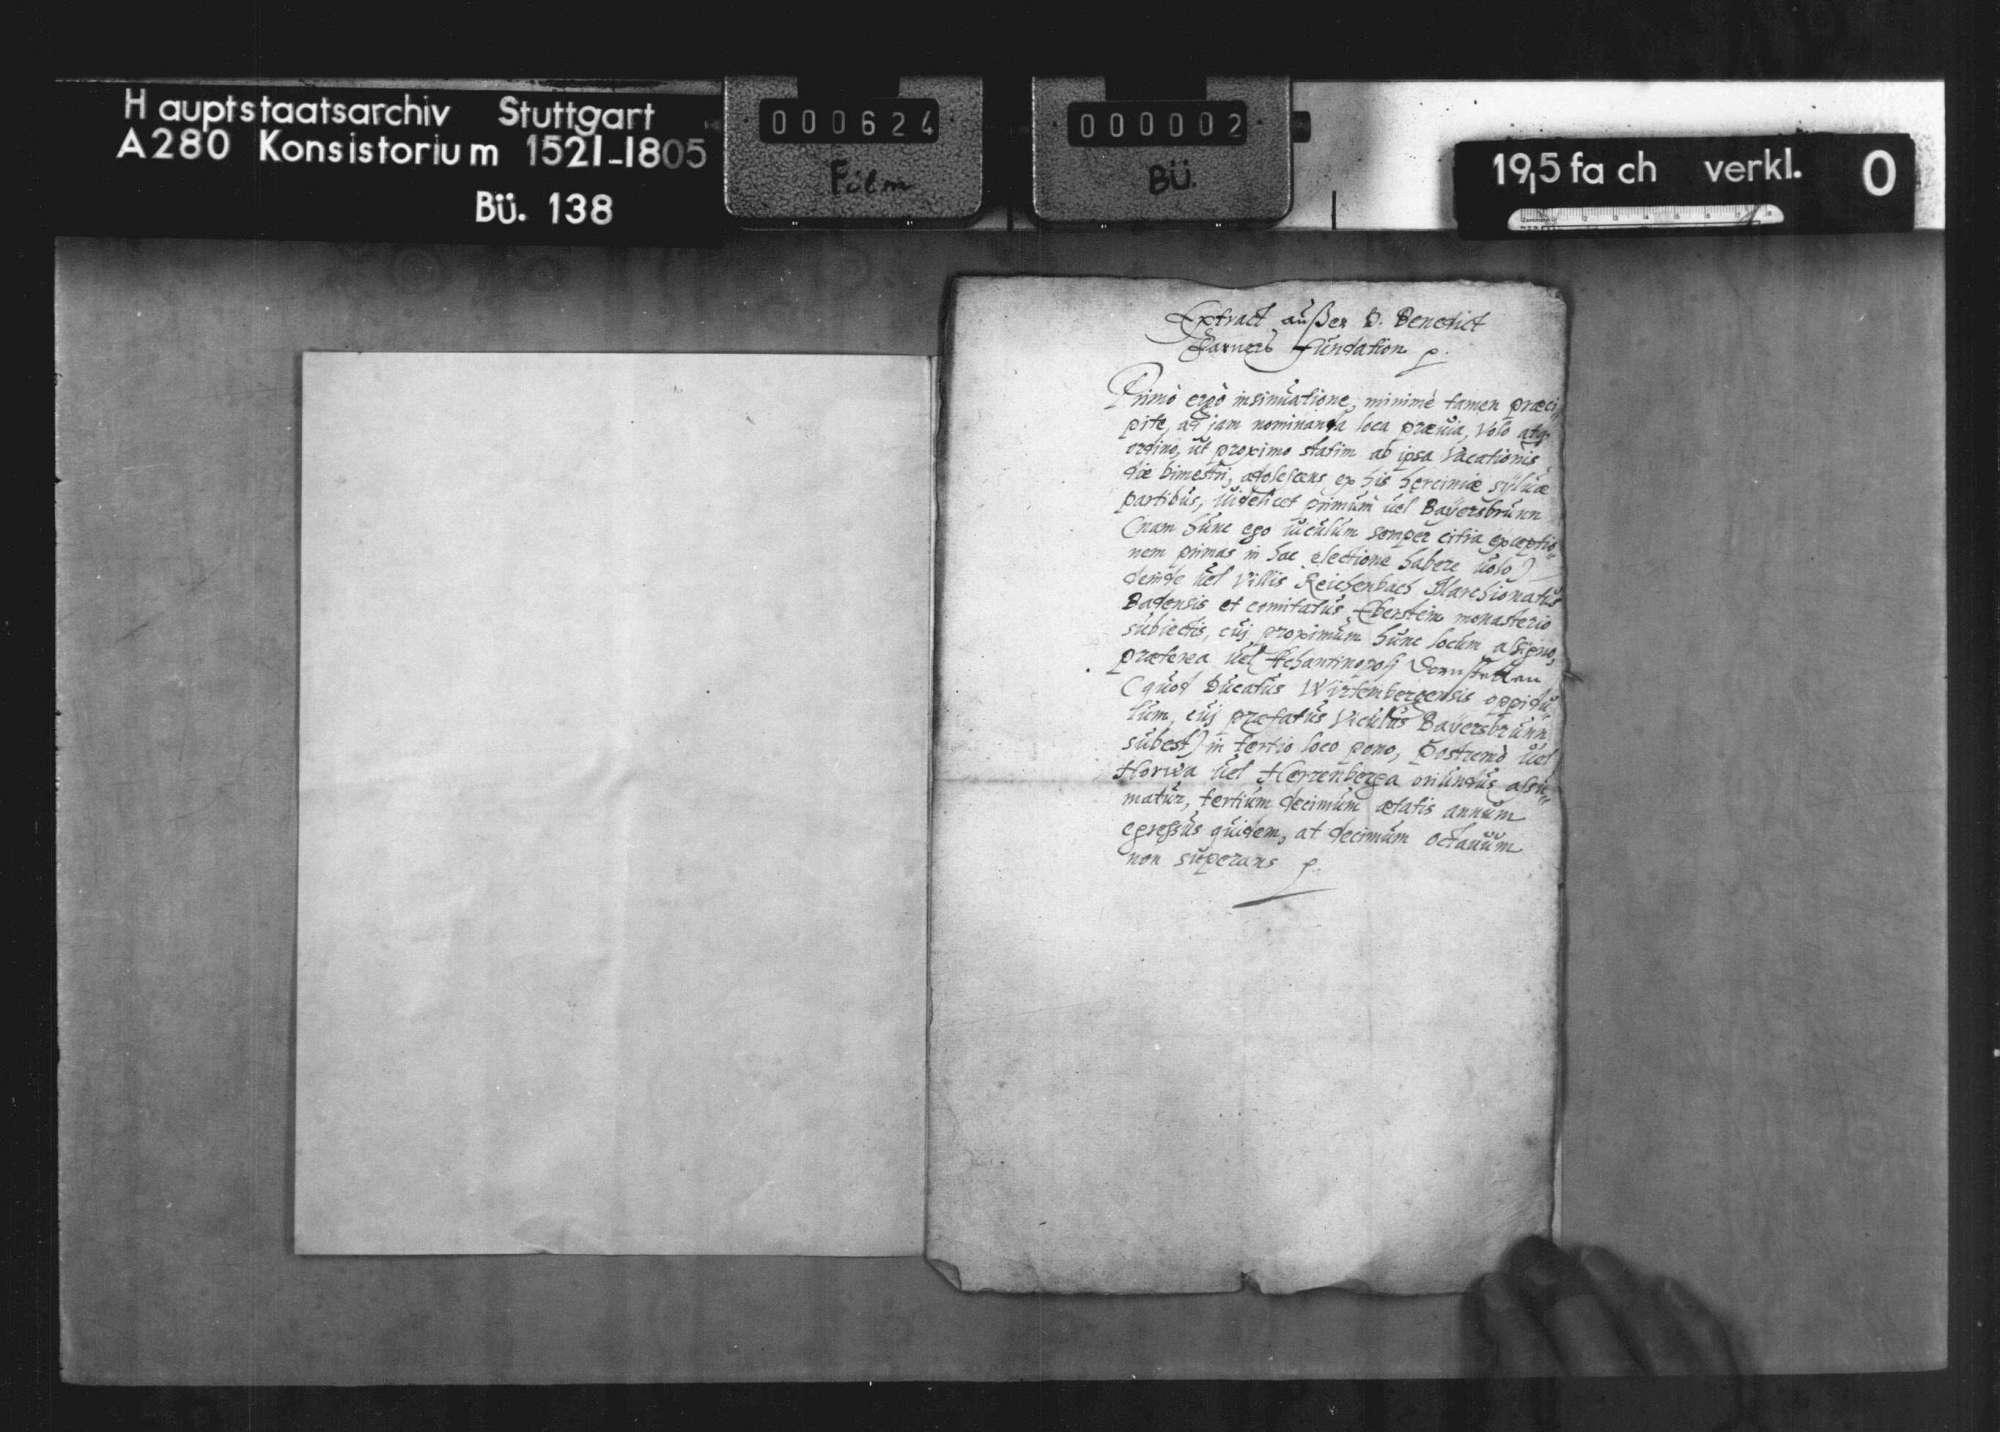 Bericht der Superintendenten des Stipendiums Martinianum des Klosters Reichenbach betr. die Stiftung des Benedikt Farner, Propst zu Herrenberg, vom Jahre 1537 über 800 fl., mit Auszug aus der Fundation ( lat.), Bild 2